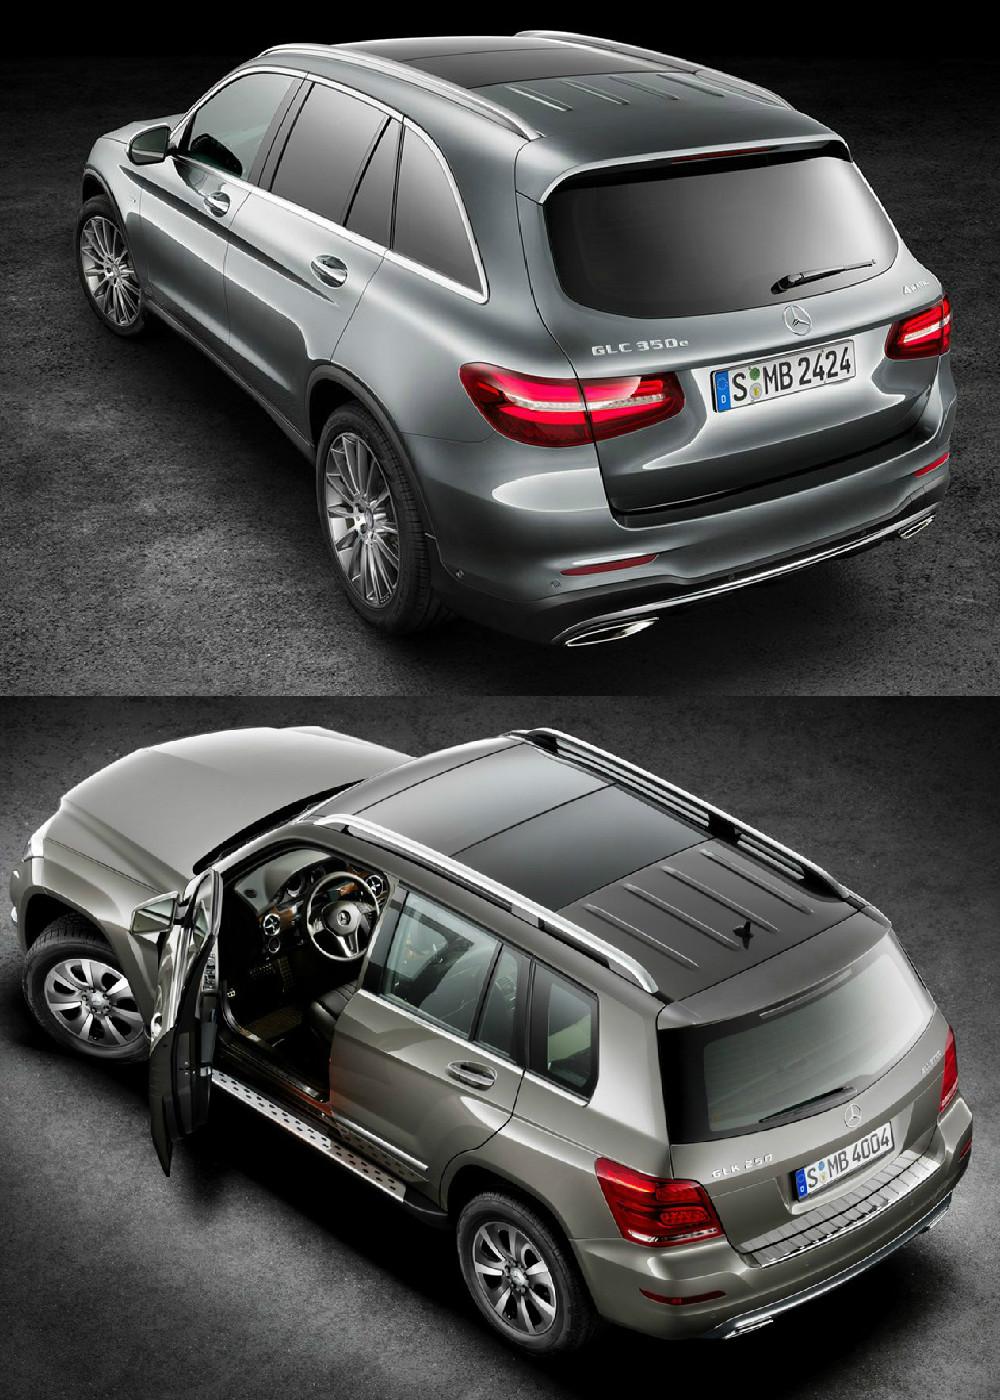 Bmw X3 Fiyat >> Mercedes GLC - Mercedes GLK Karşılaştırması - Sekiz Silindir